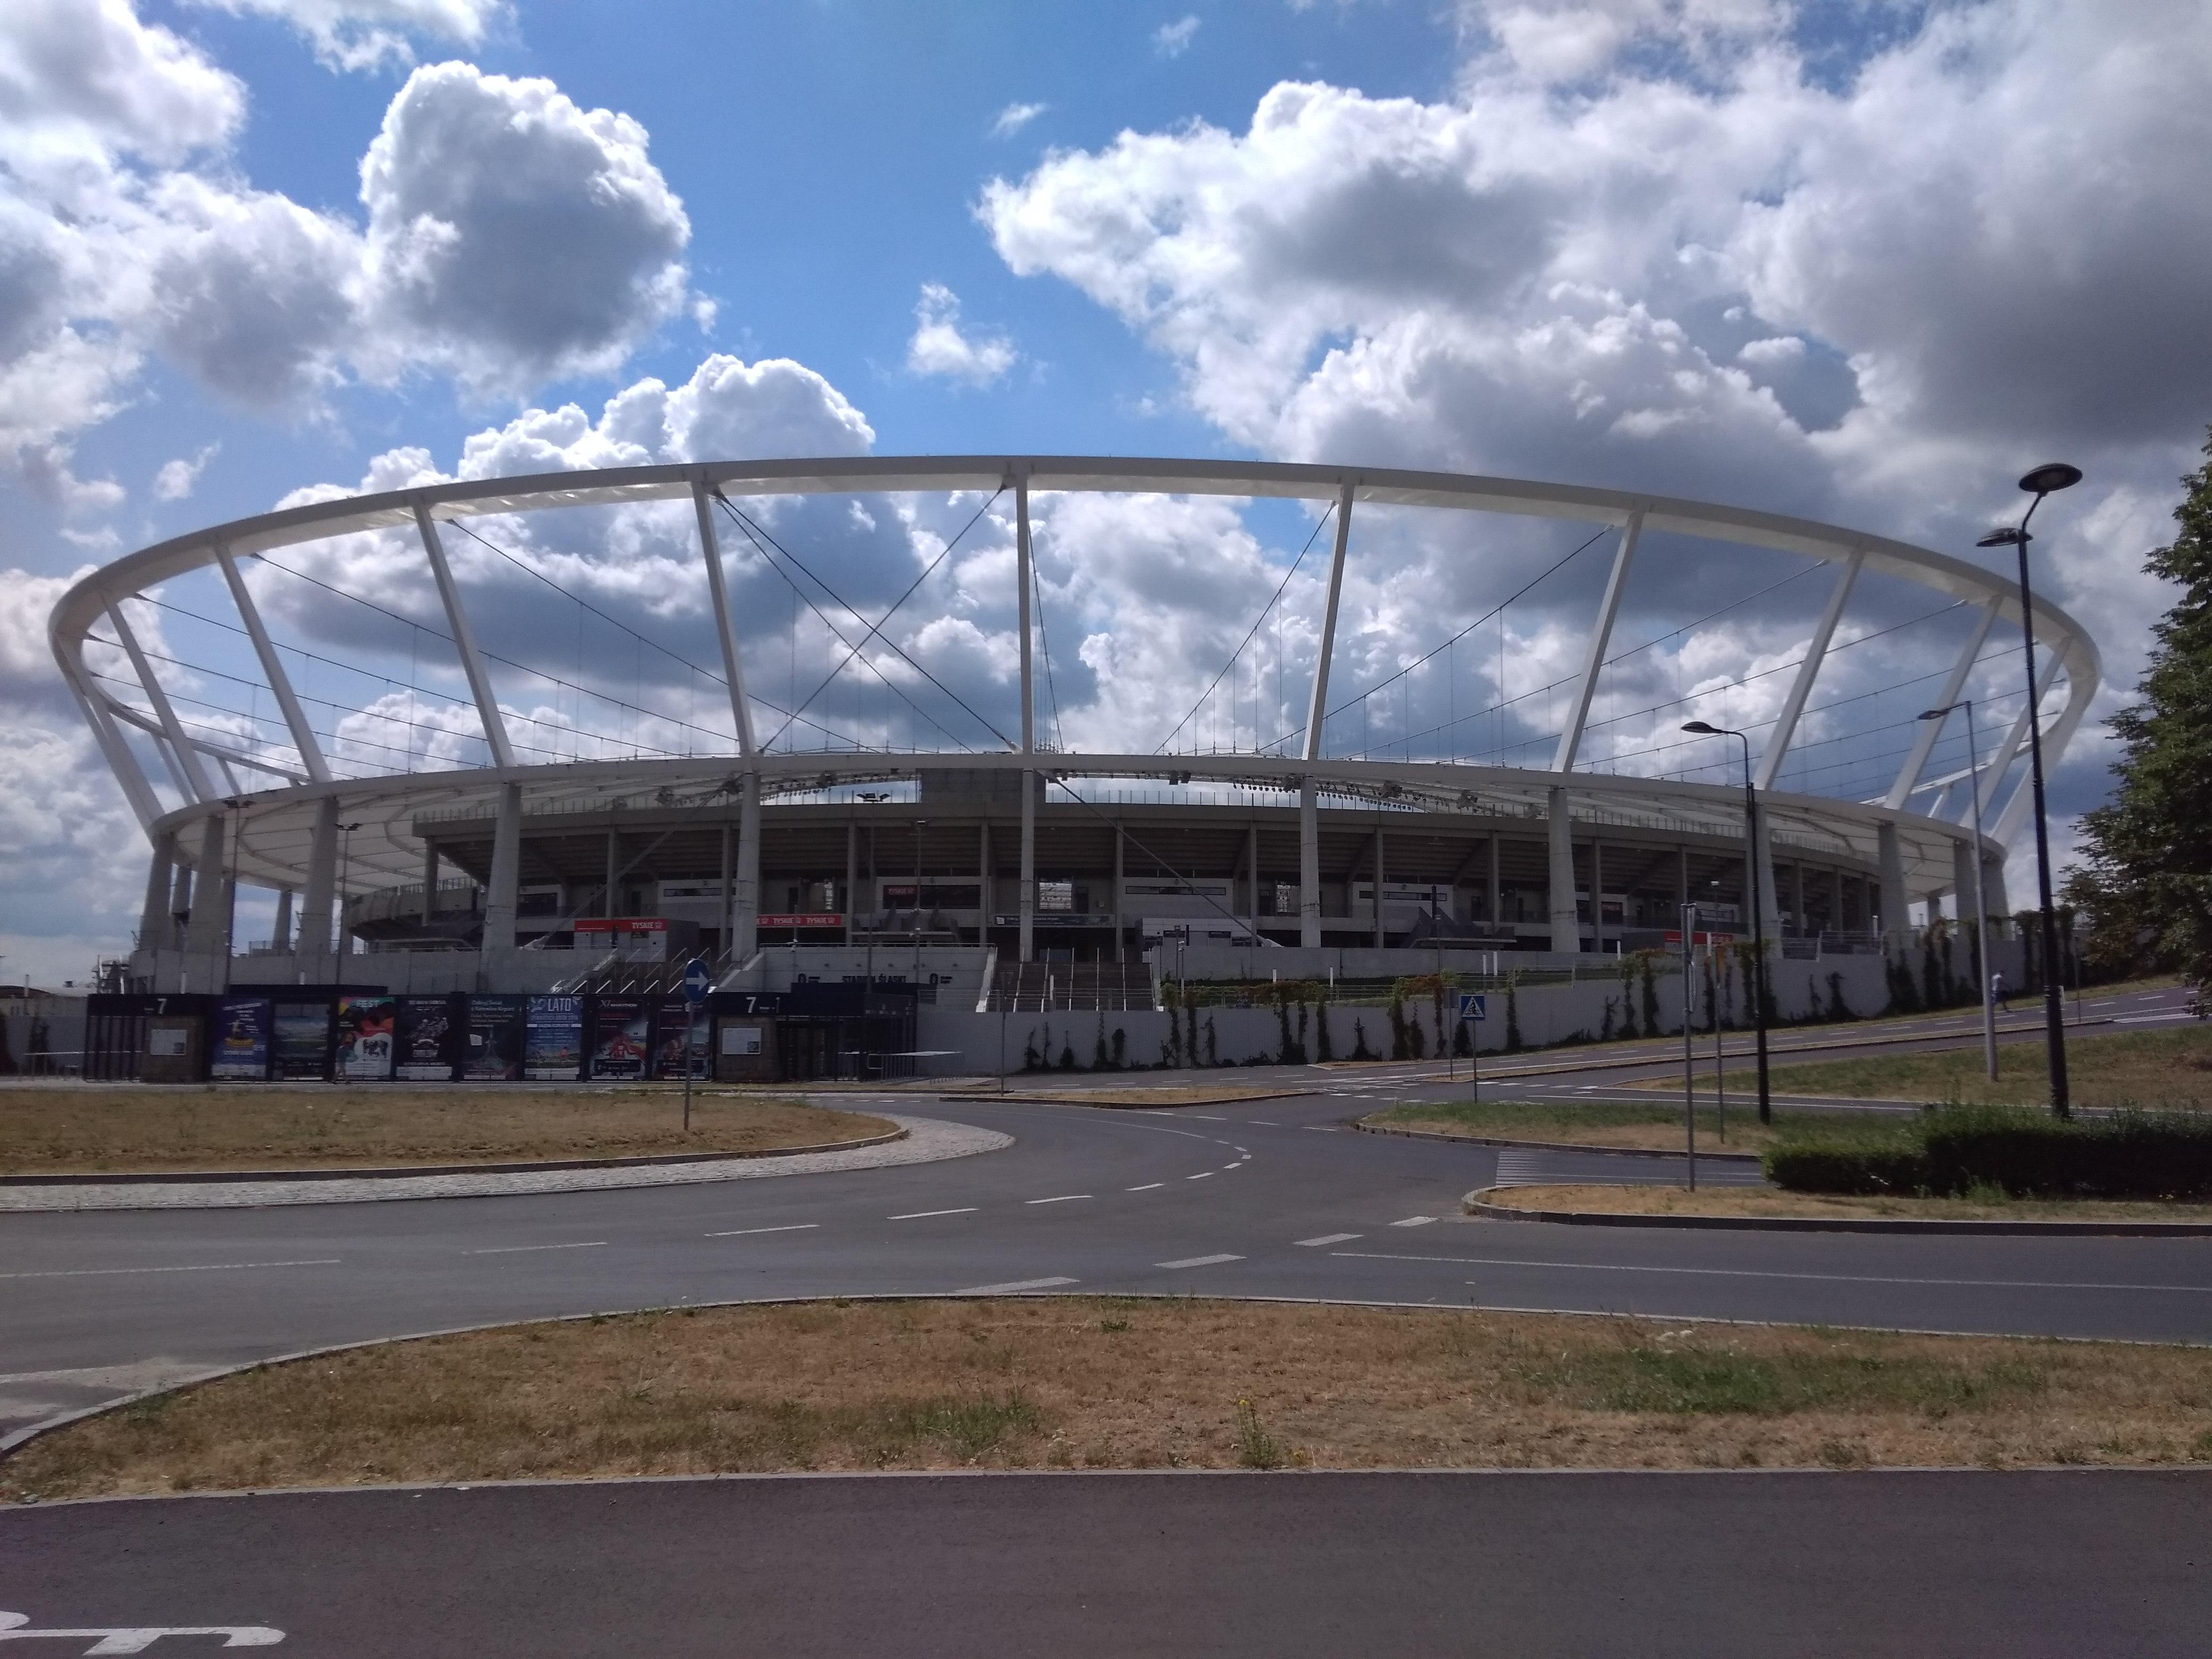 Stadion śląski Wikipedia Wolna Encyklopedia